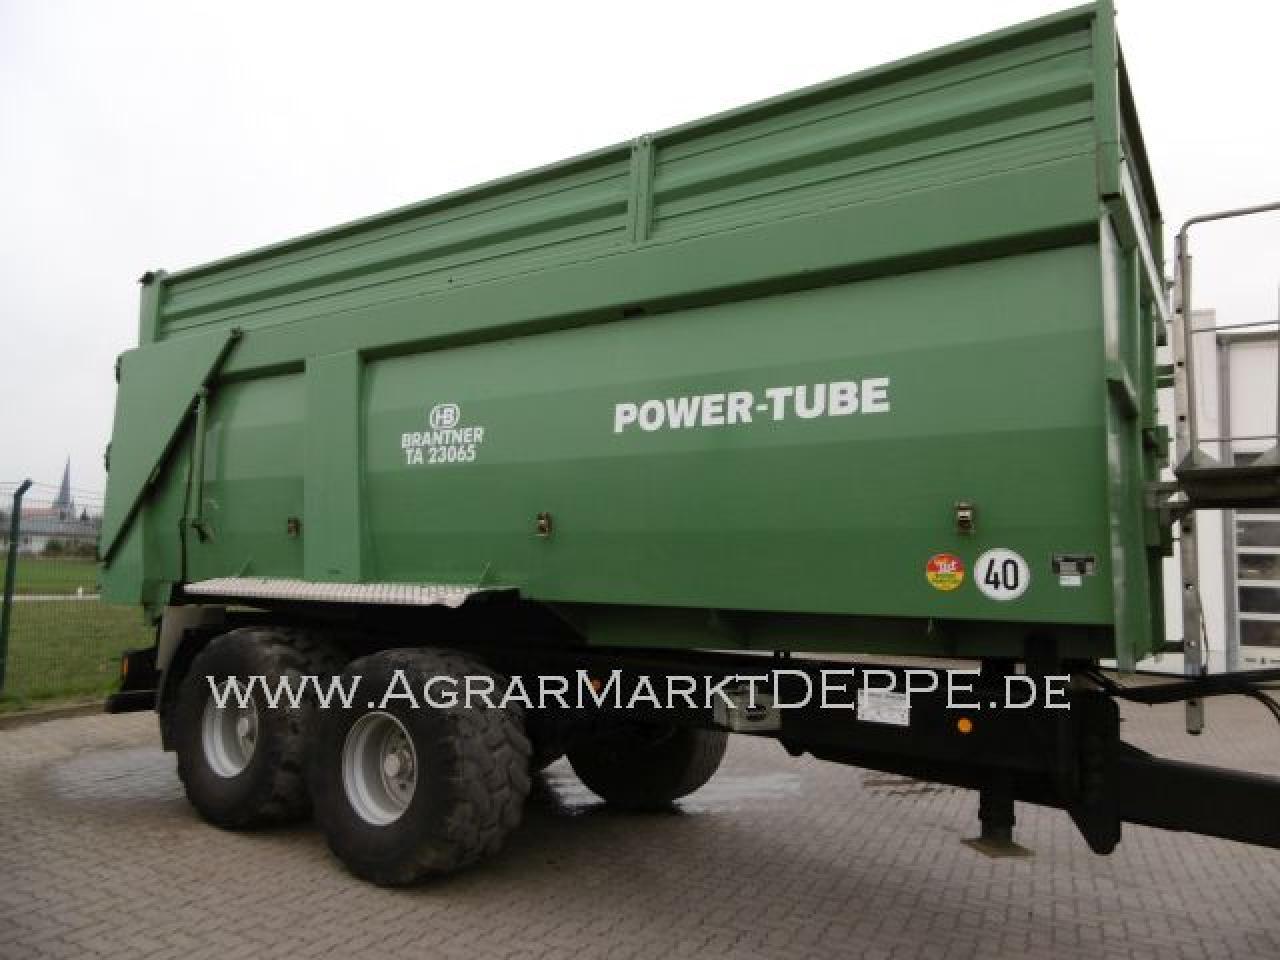 Brantner TA23065PT PowerTube